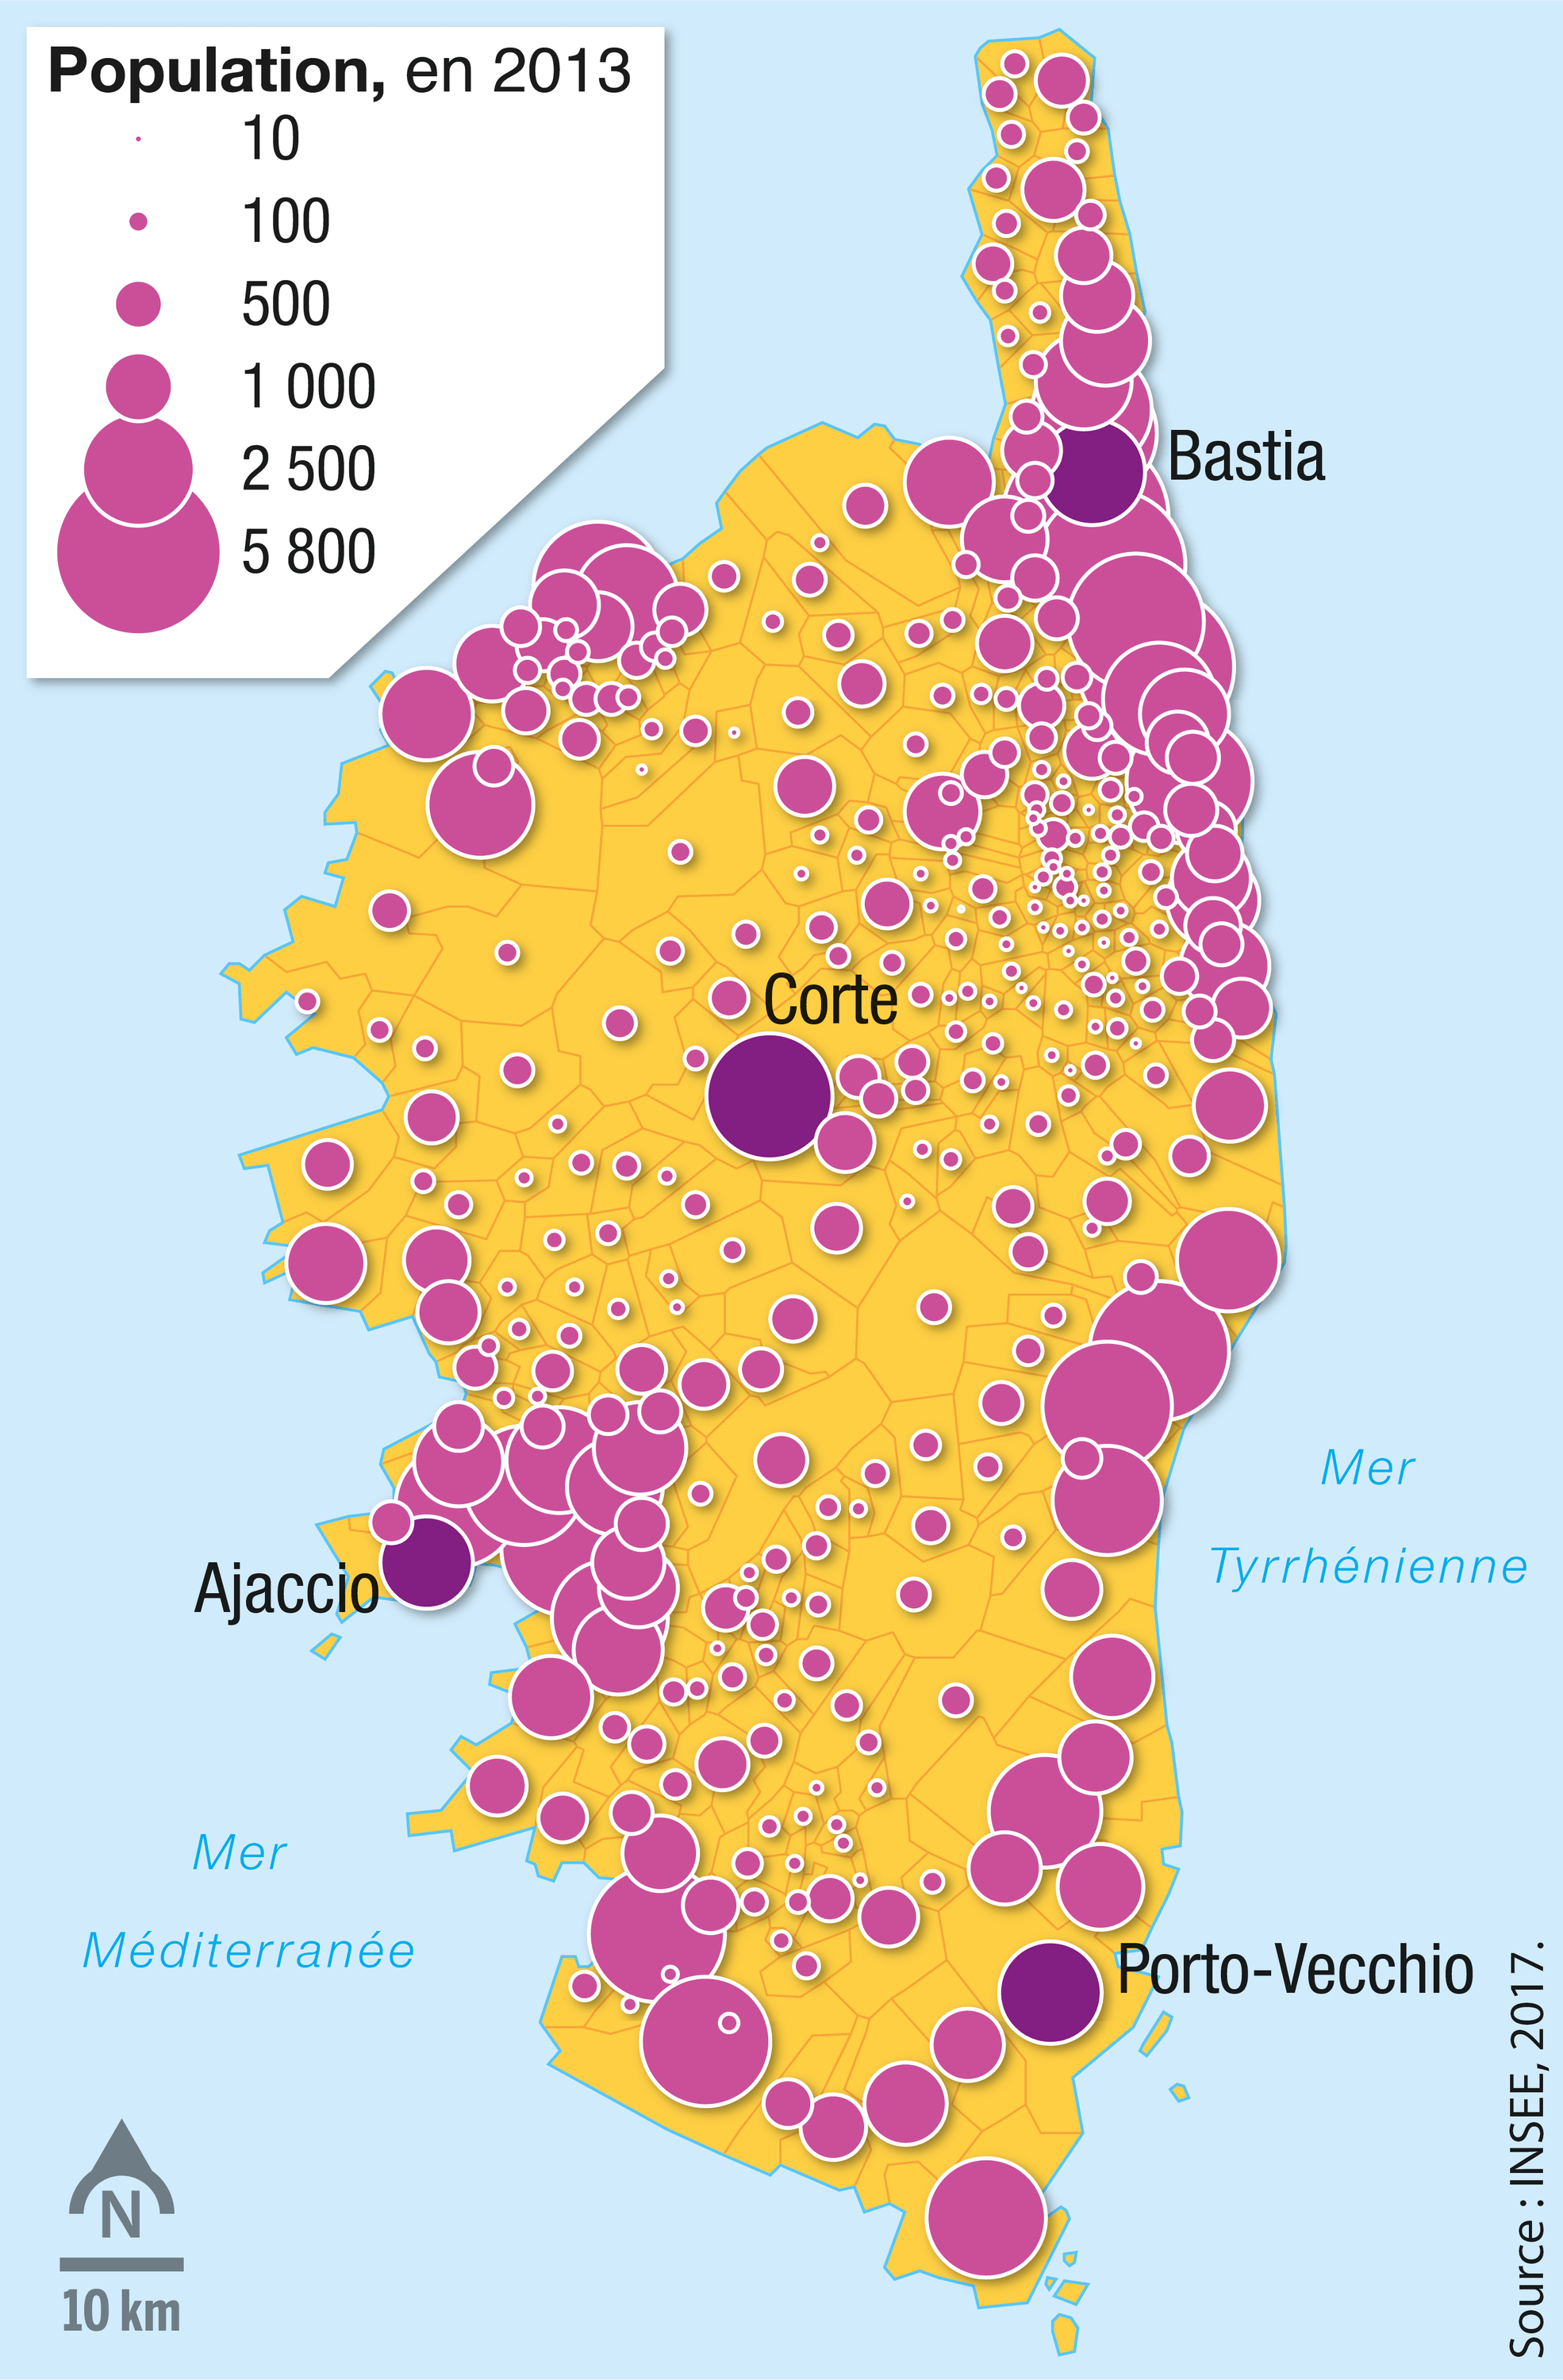 <stamp theme='svt-green1'>Doc. 1</stamp> La densité de population des communes de l'ile.